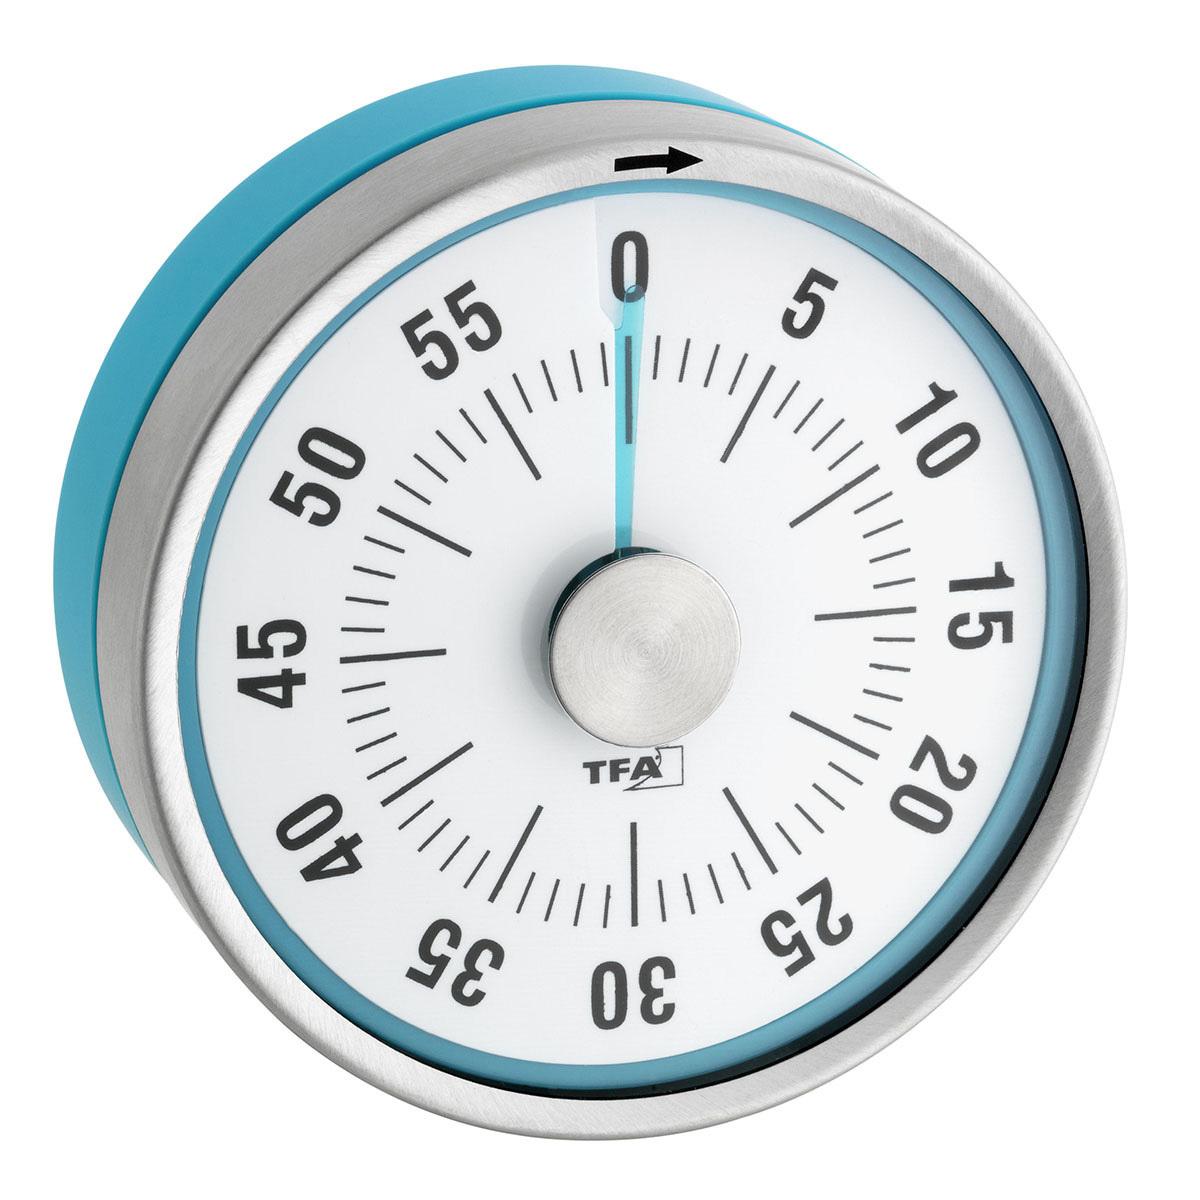 38-1028-20-analoger-küchen-timer-puck-1200x1200px.jpg